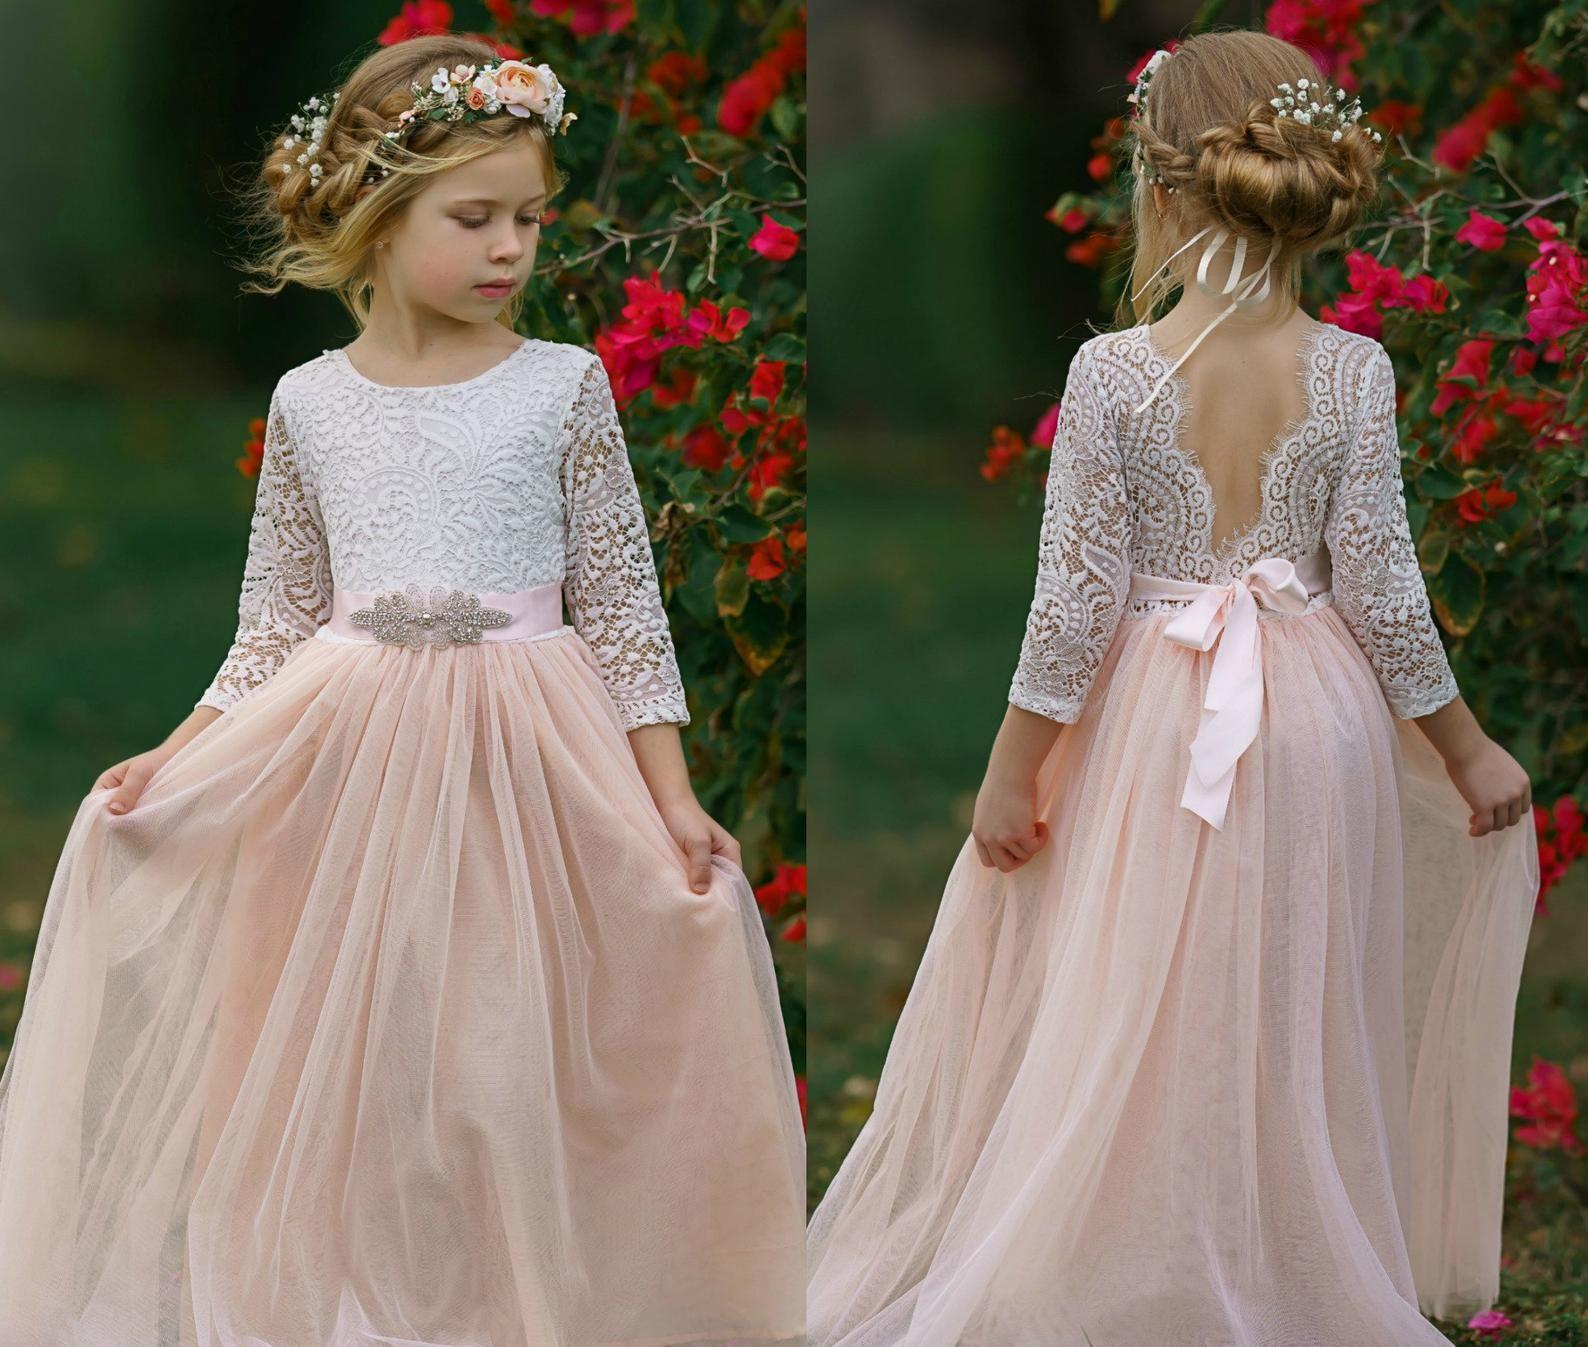 Blush tulle flower girl dress white lace flower girl dress